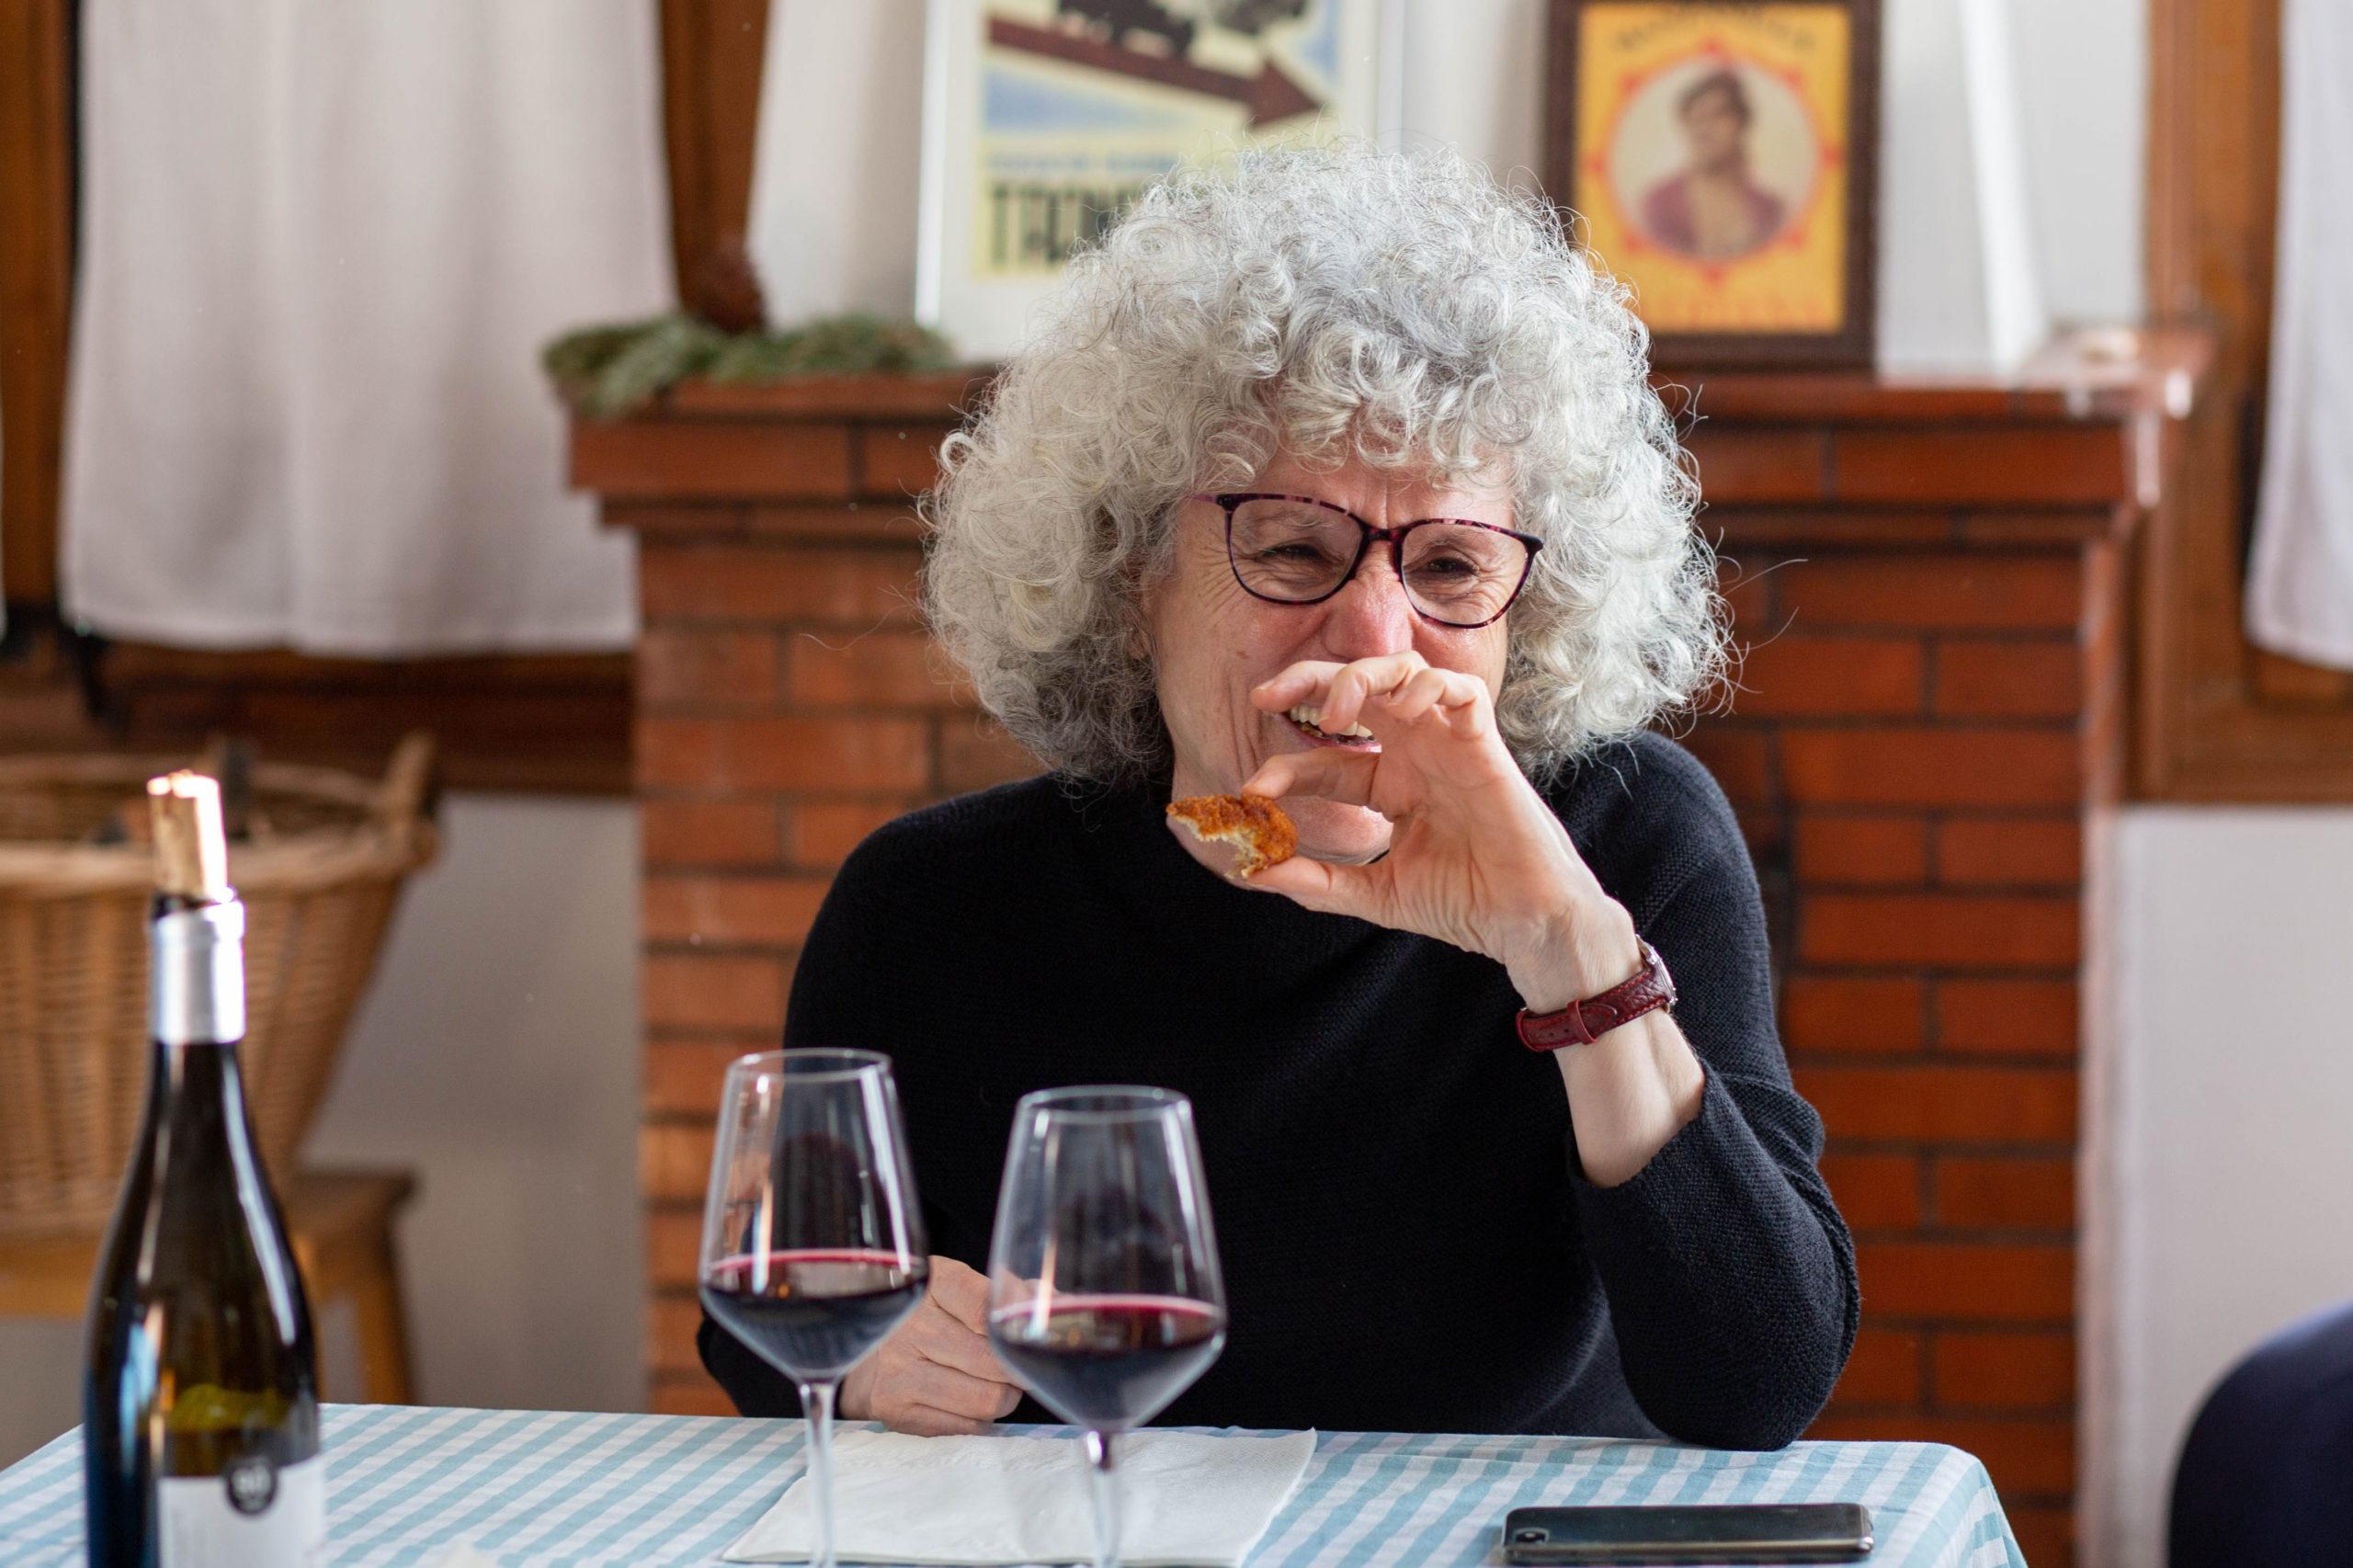 Pla mig dona rient amb unes amigues en un dinar al menjador de casa